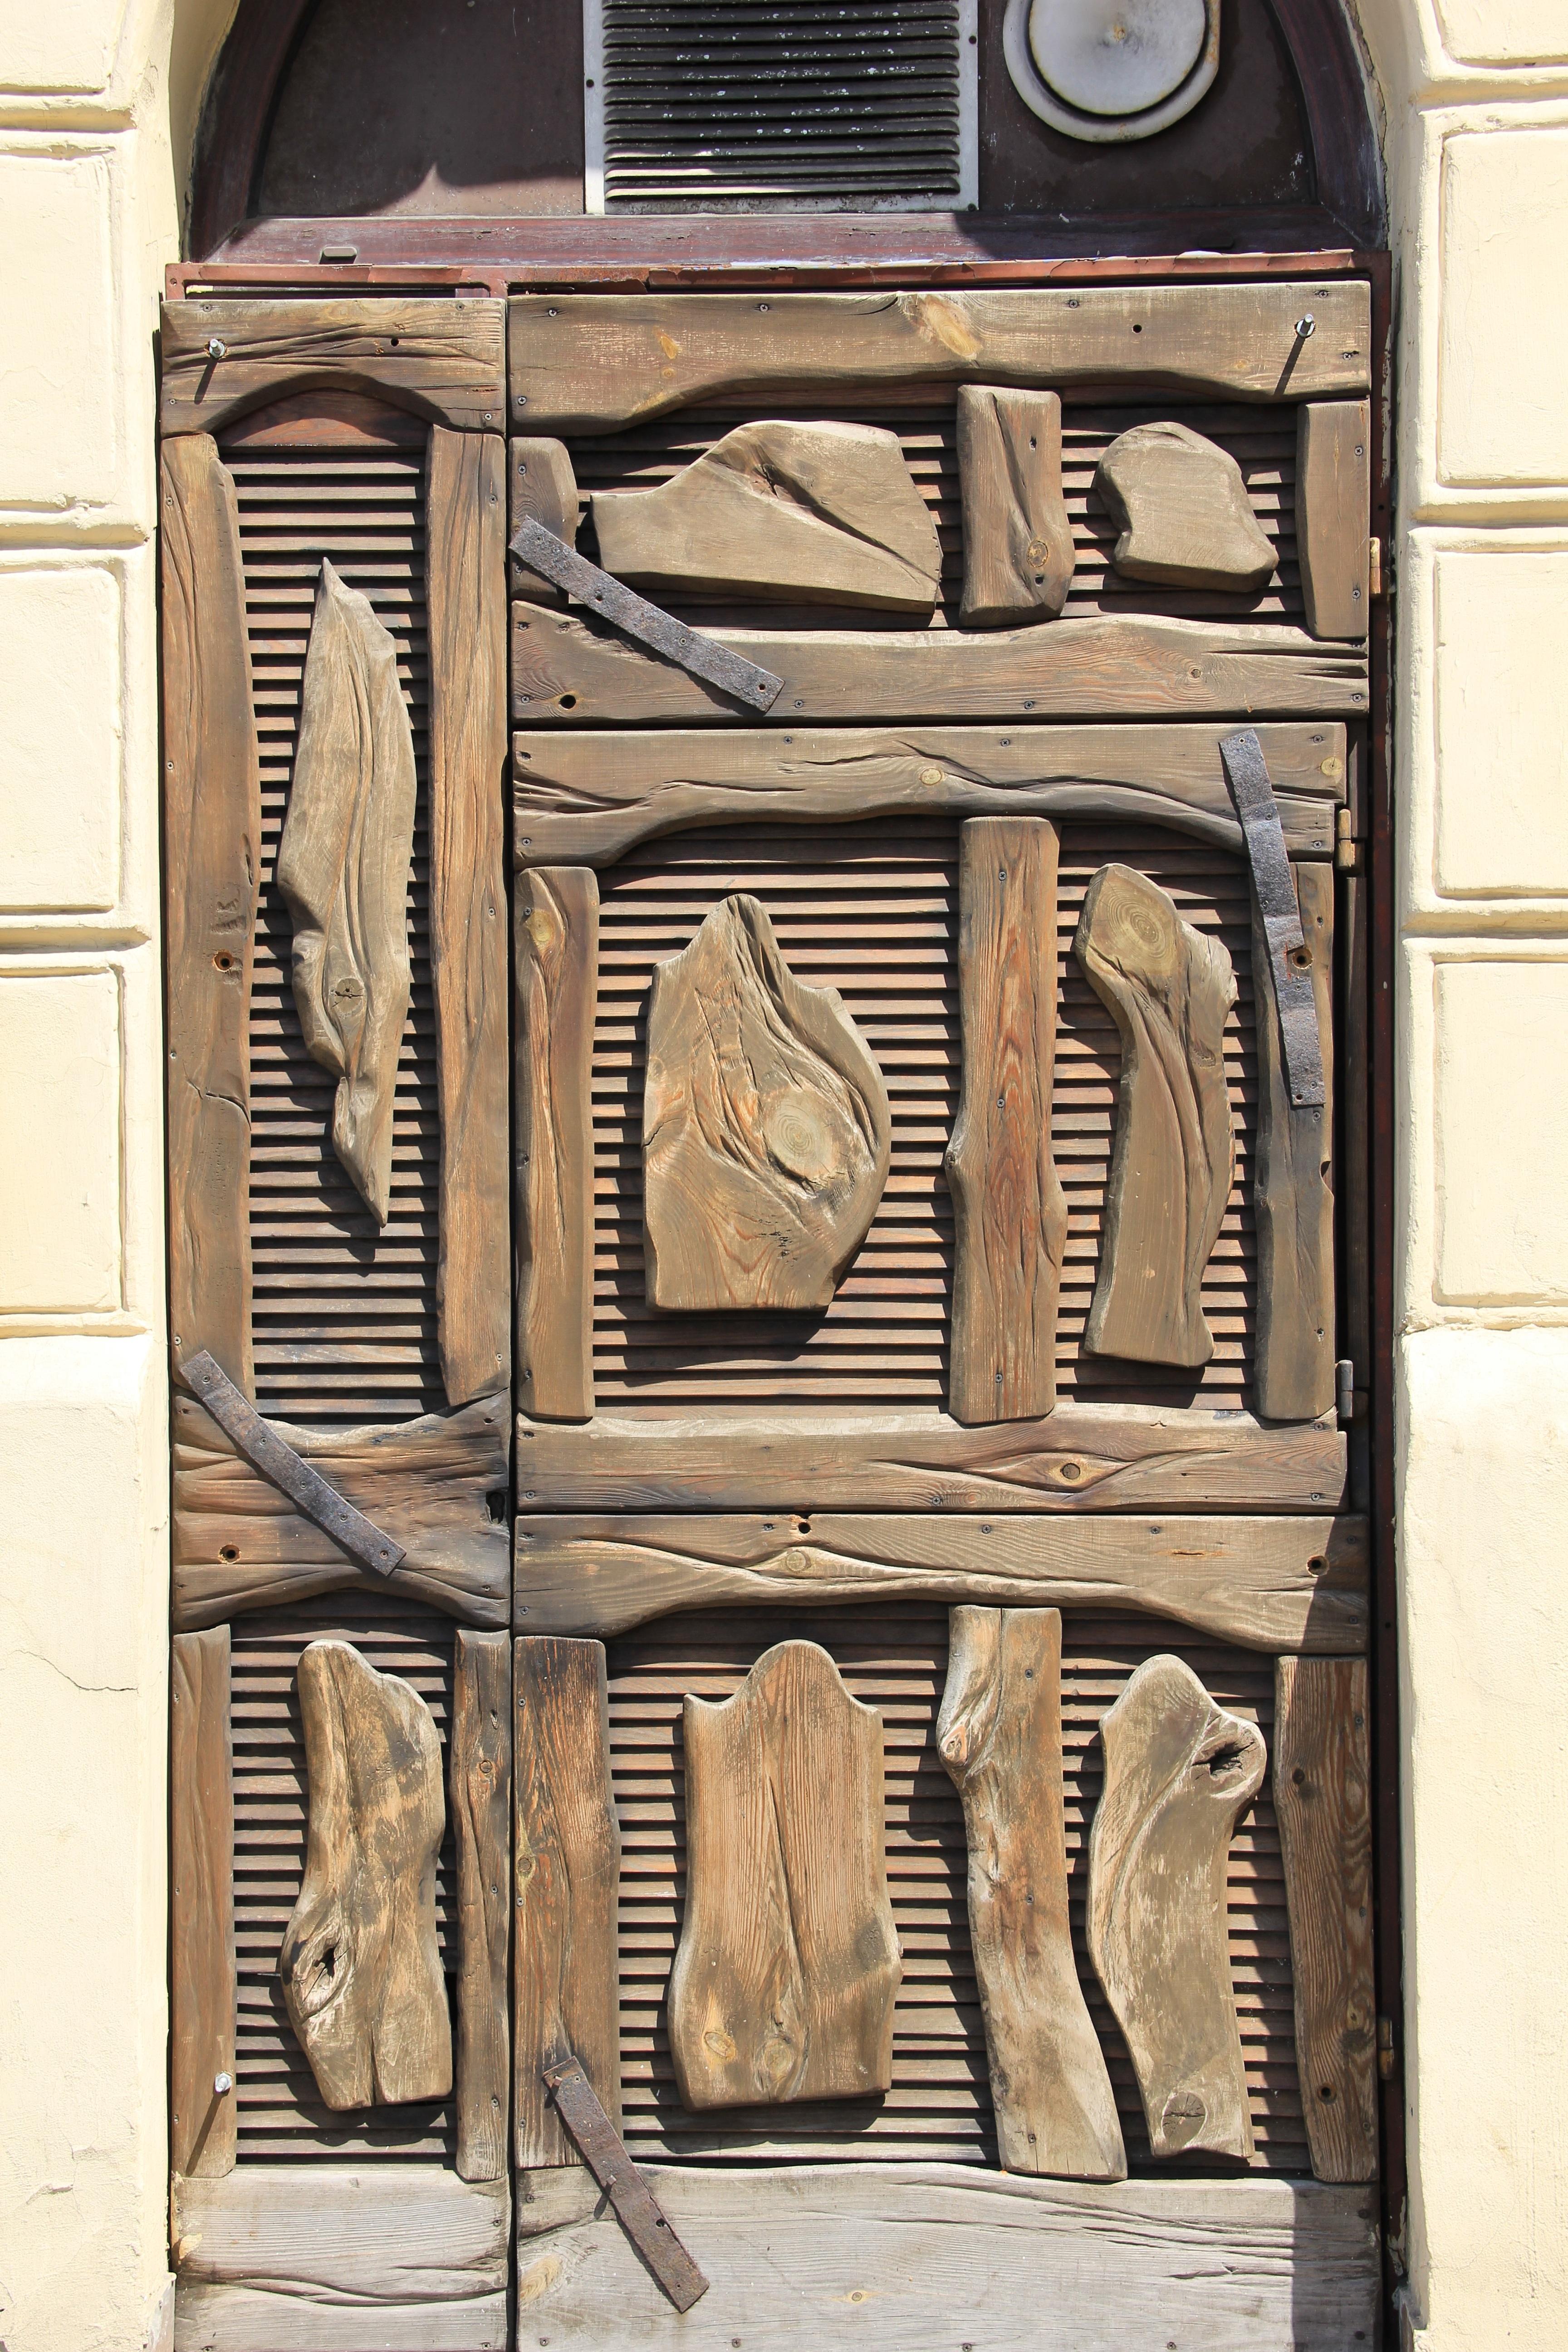 Images Gratuites Entr E Meubles Le Fer Sculpture Portes  # Meuble La Porte